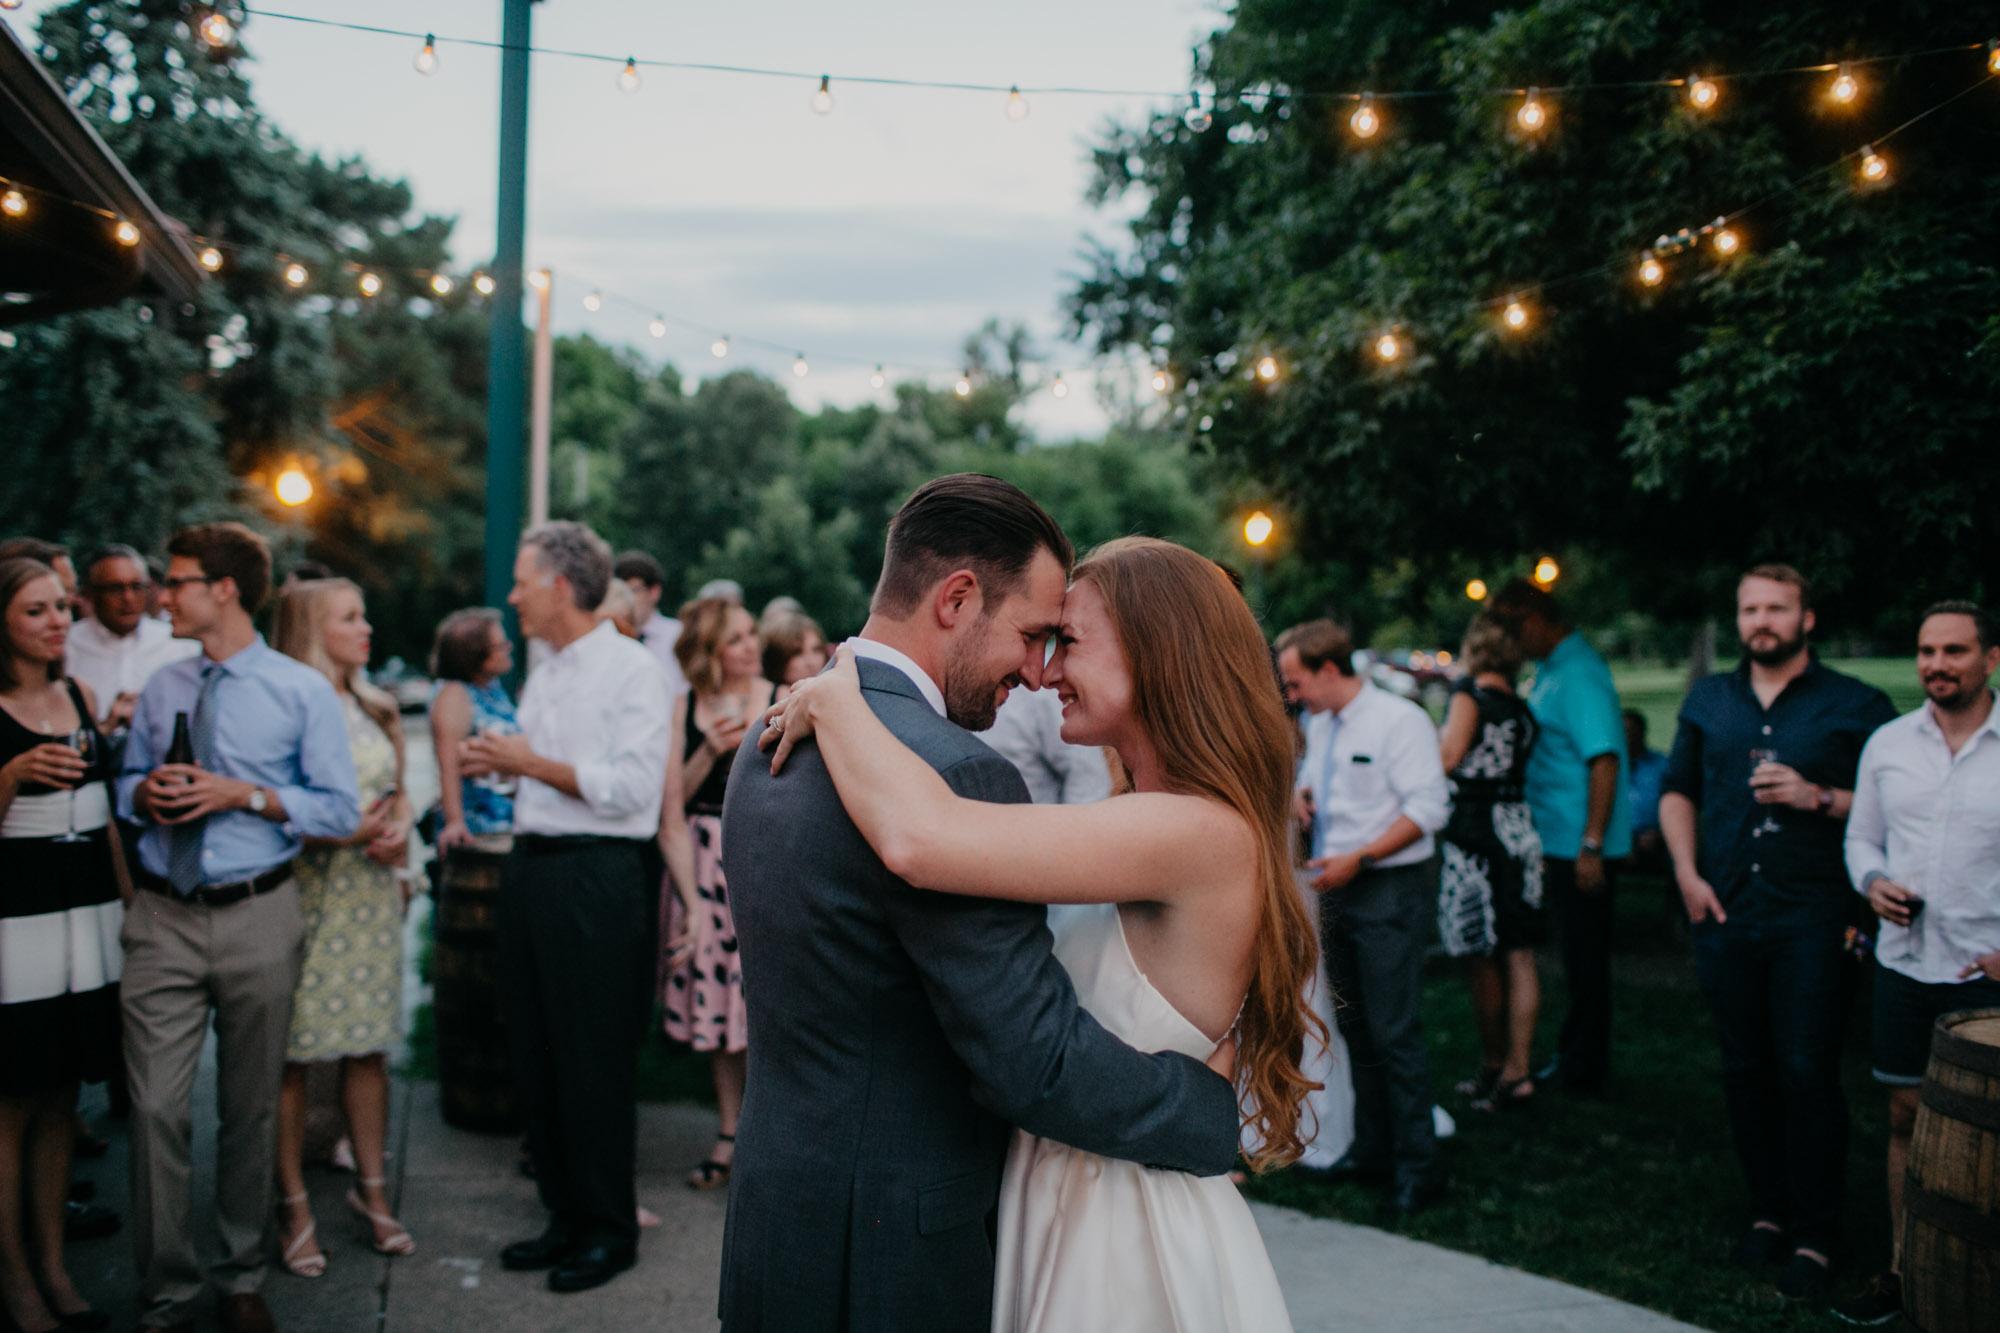 elmwood-park-wedding-photographer-nicole-jon-33.jpg